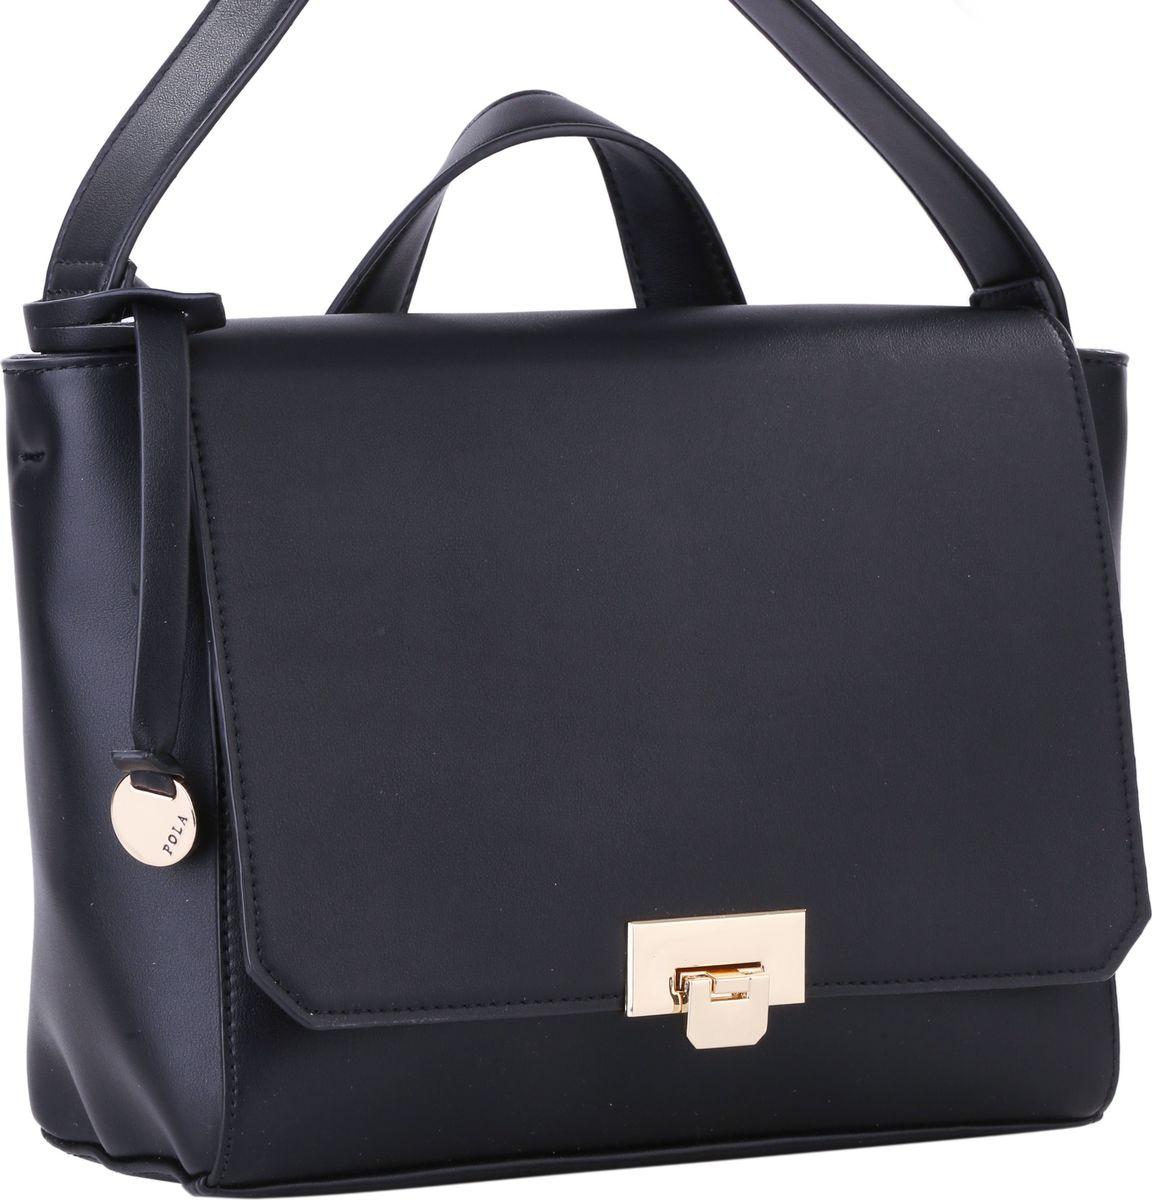 Сумка женская Pola, цвет: черный. 64441BM8434-58AEЖенская сумка Pola выполнена из качественной экокожи. Основное отделение закрывается клапаном на металлический замок и застегивается на молнию. Внутри два маленьких открытых кармана и небольшой карман на молнии. Сзади сумки расположен вшитый карман на молнии. Плечевой ремень несъемный, регулируемый по длине, максимальная высота 56 см. Имеется короткая ручка для переноски в руке. Цвет фурнитуры - золото.